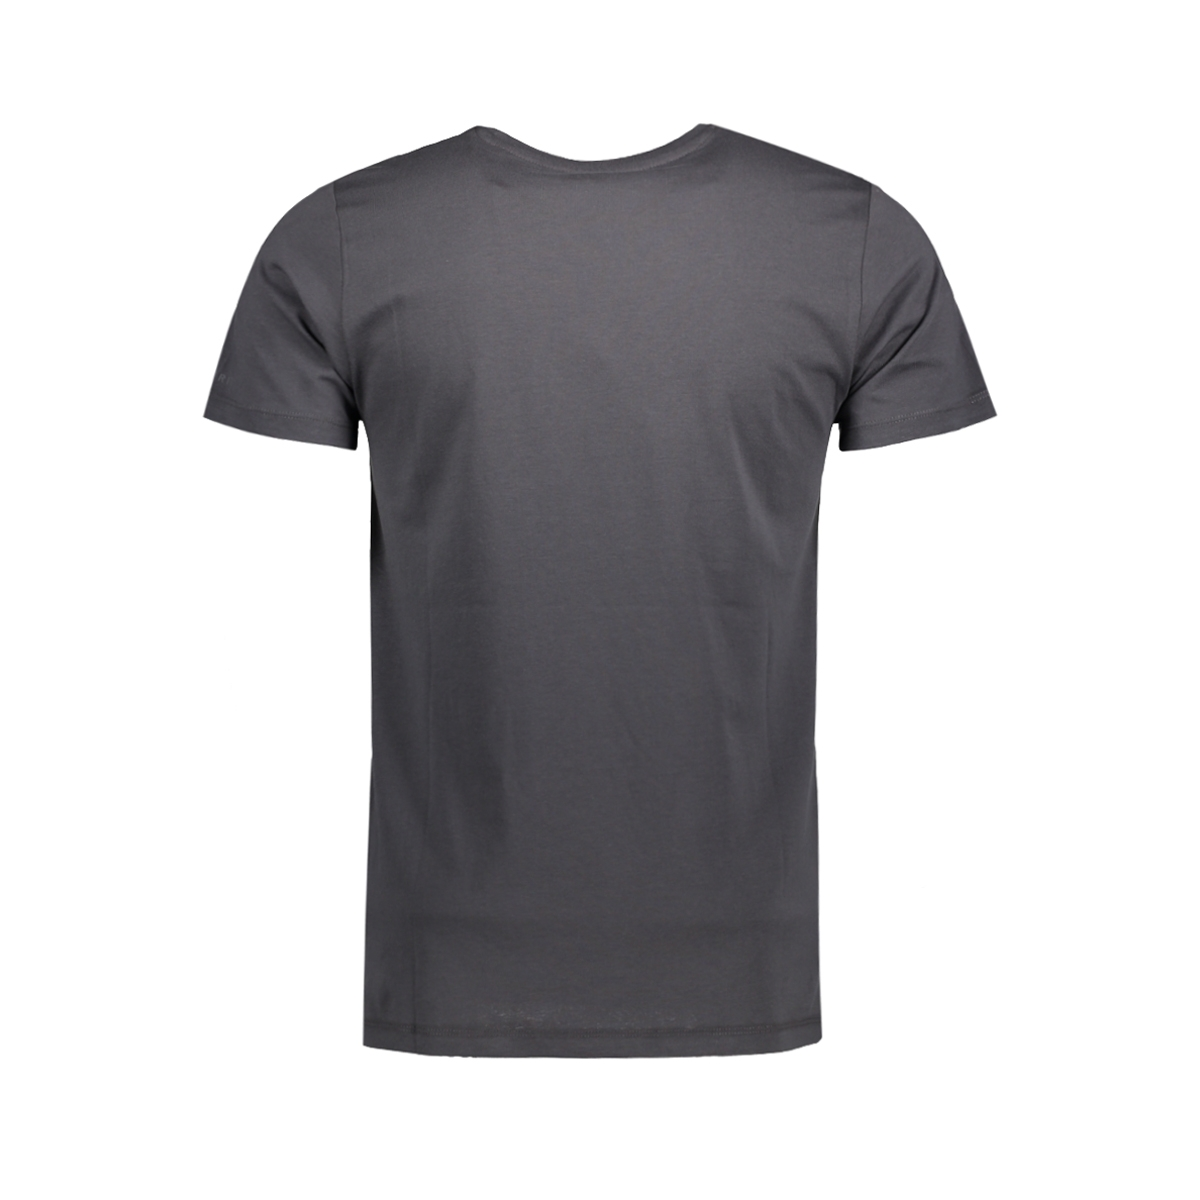 997ee2k819 esprit t-shirt e020